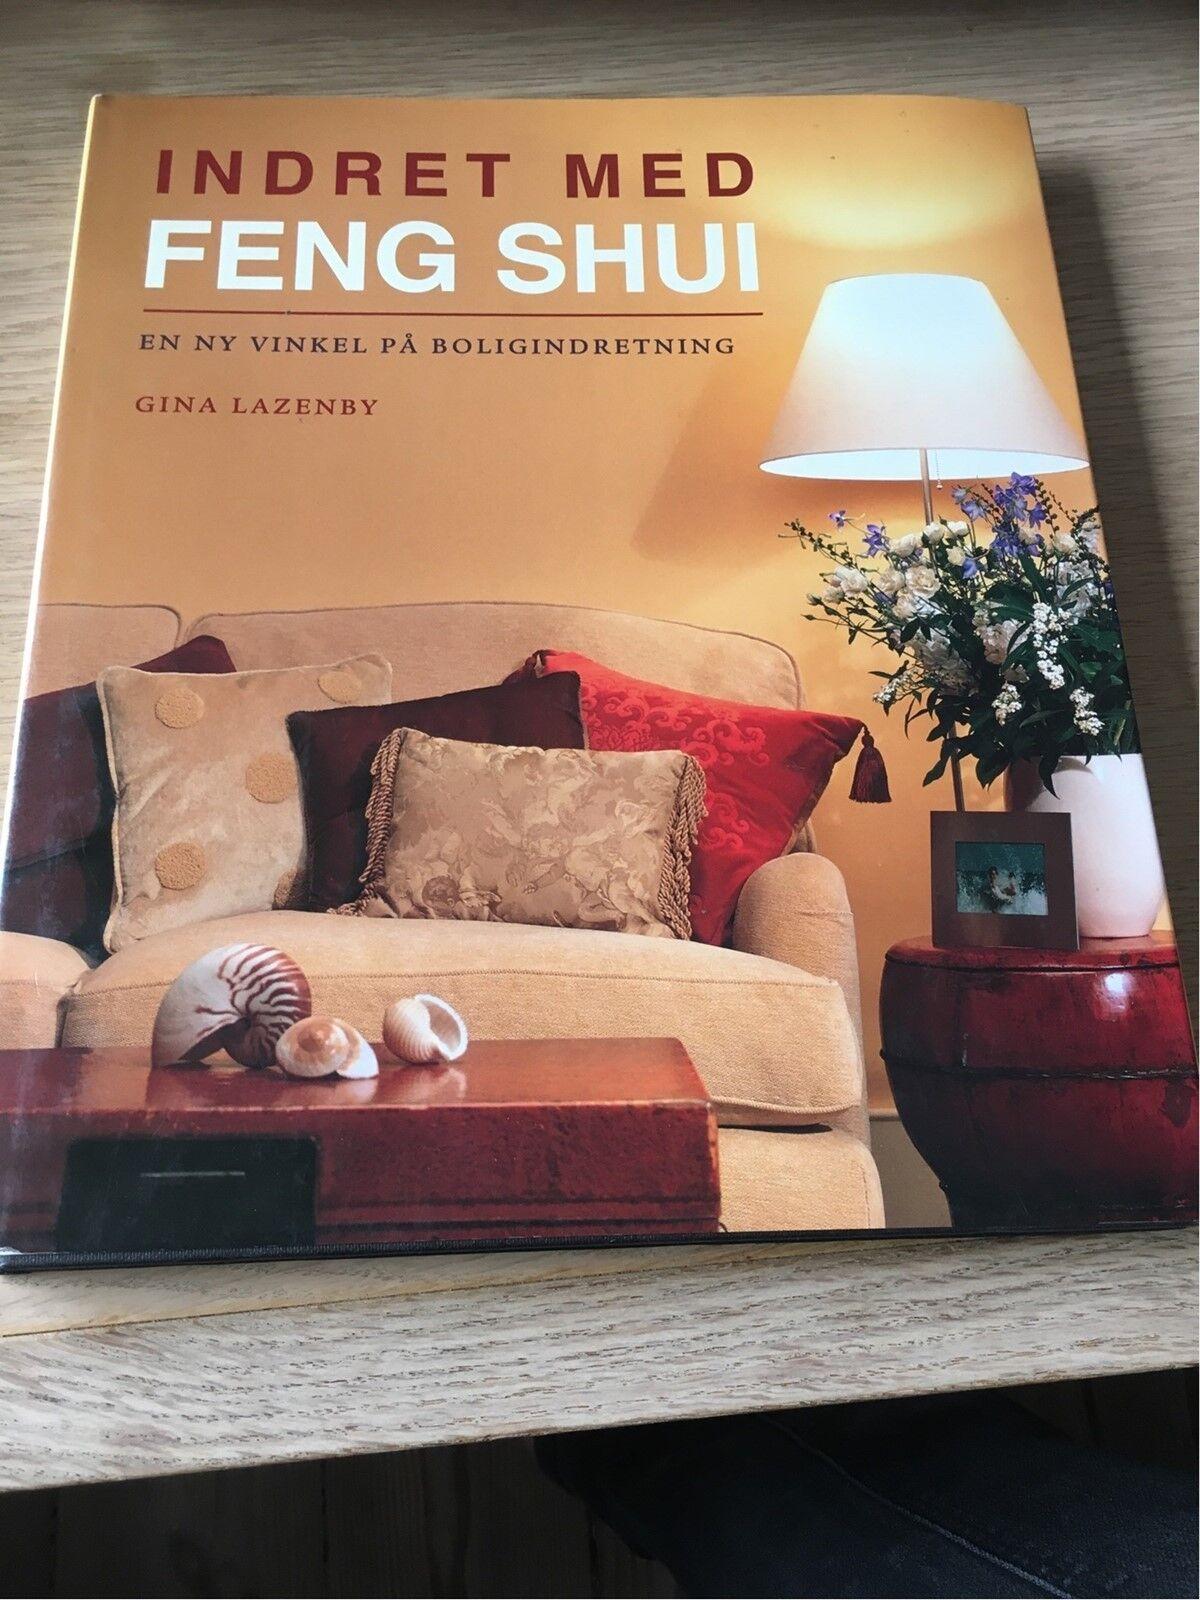 Indret Med Feng Shui En Ny Vinkel Pa Ndash Dba Dk Ndash Kob Og Salg Af Nyt Og Brugt